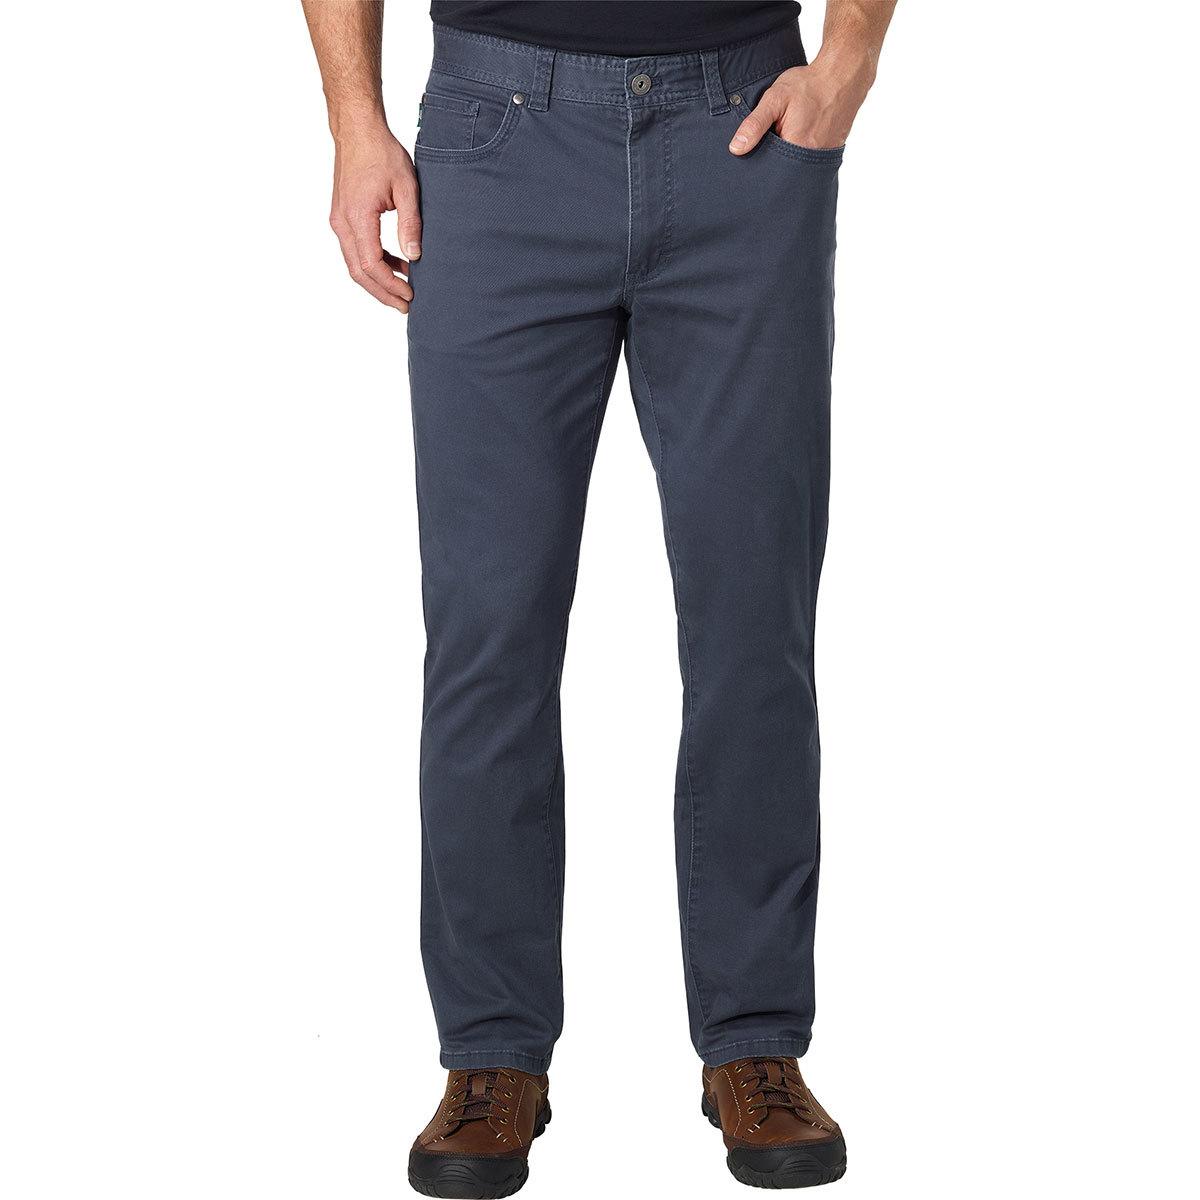 Gh Bass Pantalon Para Caballero Azul 36 X 32 Costco Mexico